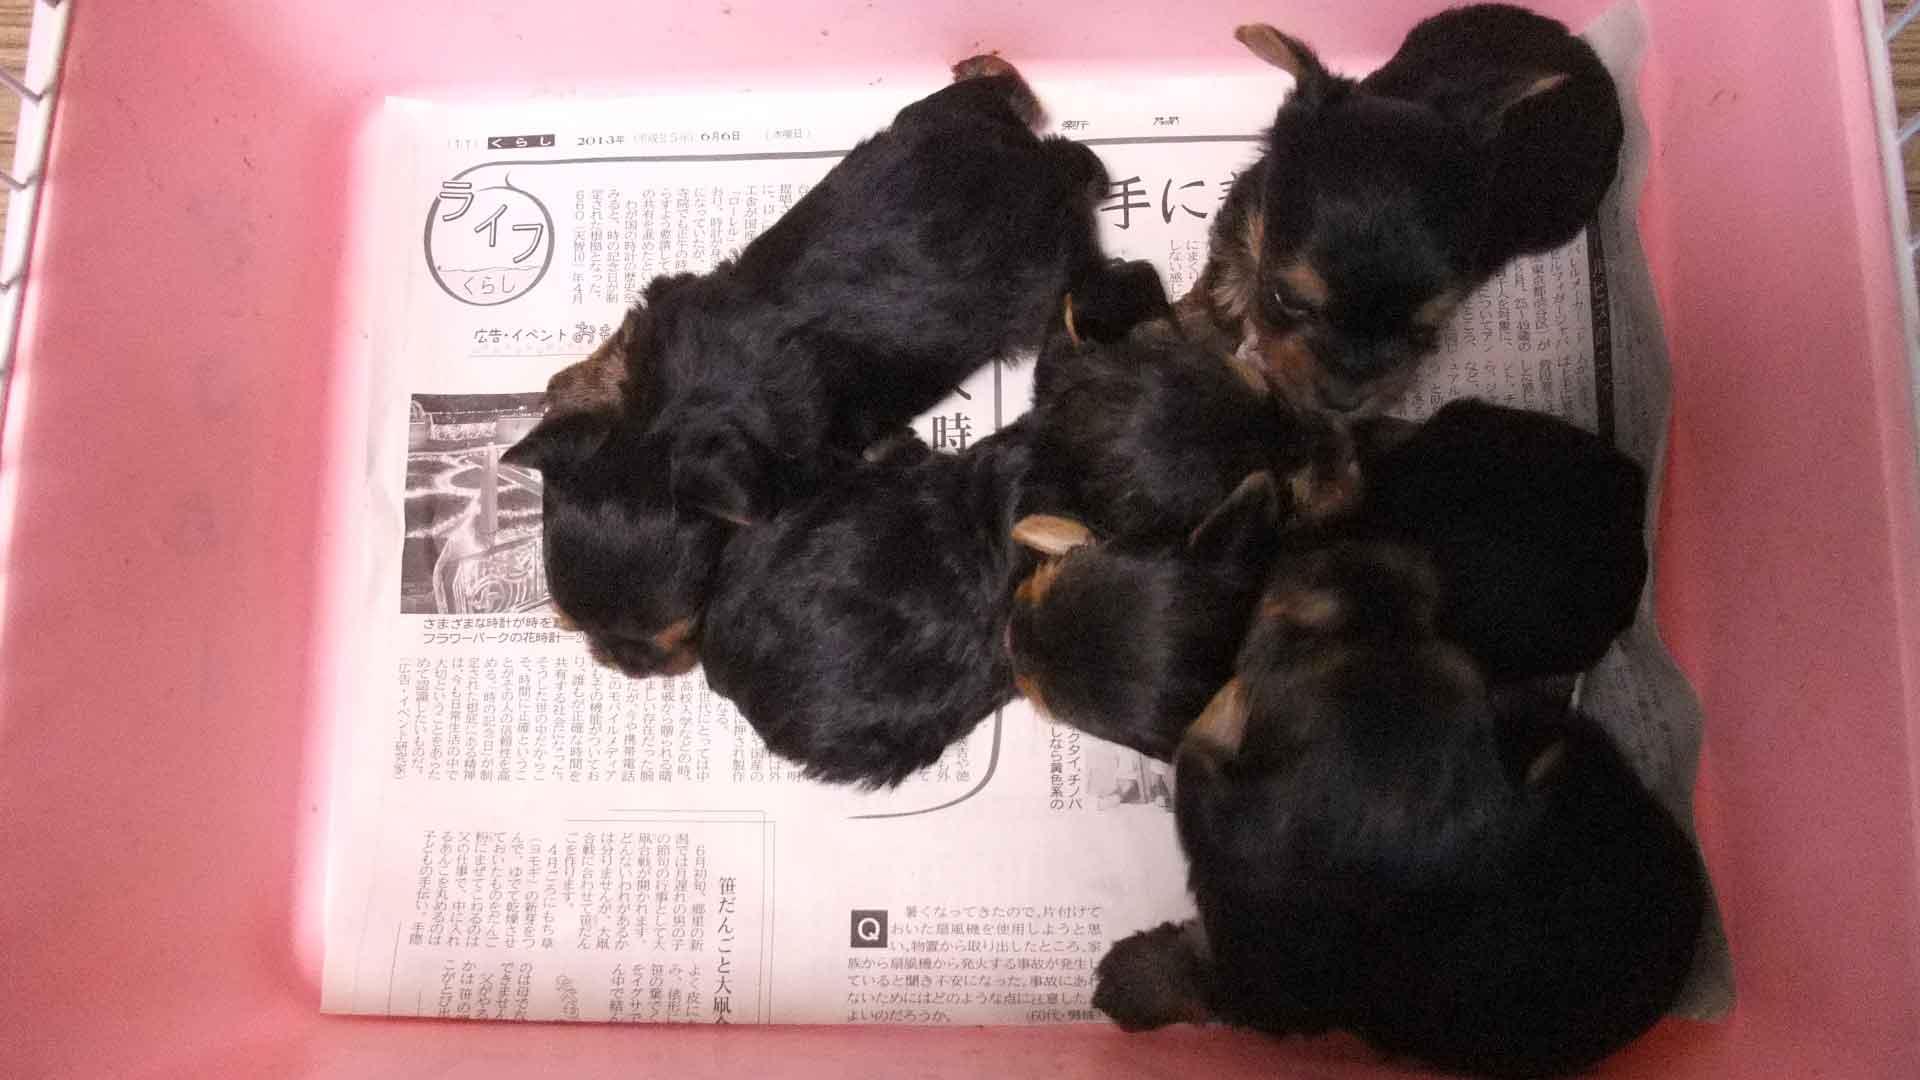 ヨークシャー・テリア(ヨーキー)、スチールブルータン、オス、東京ブリーダー子犬販売、5038、5039